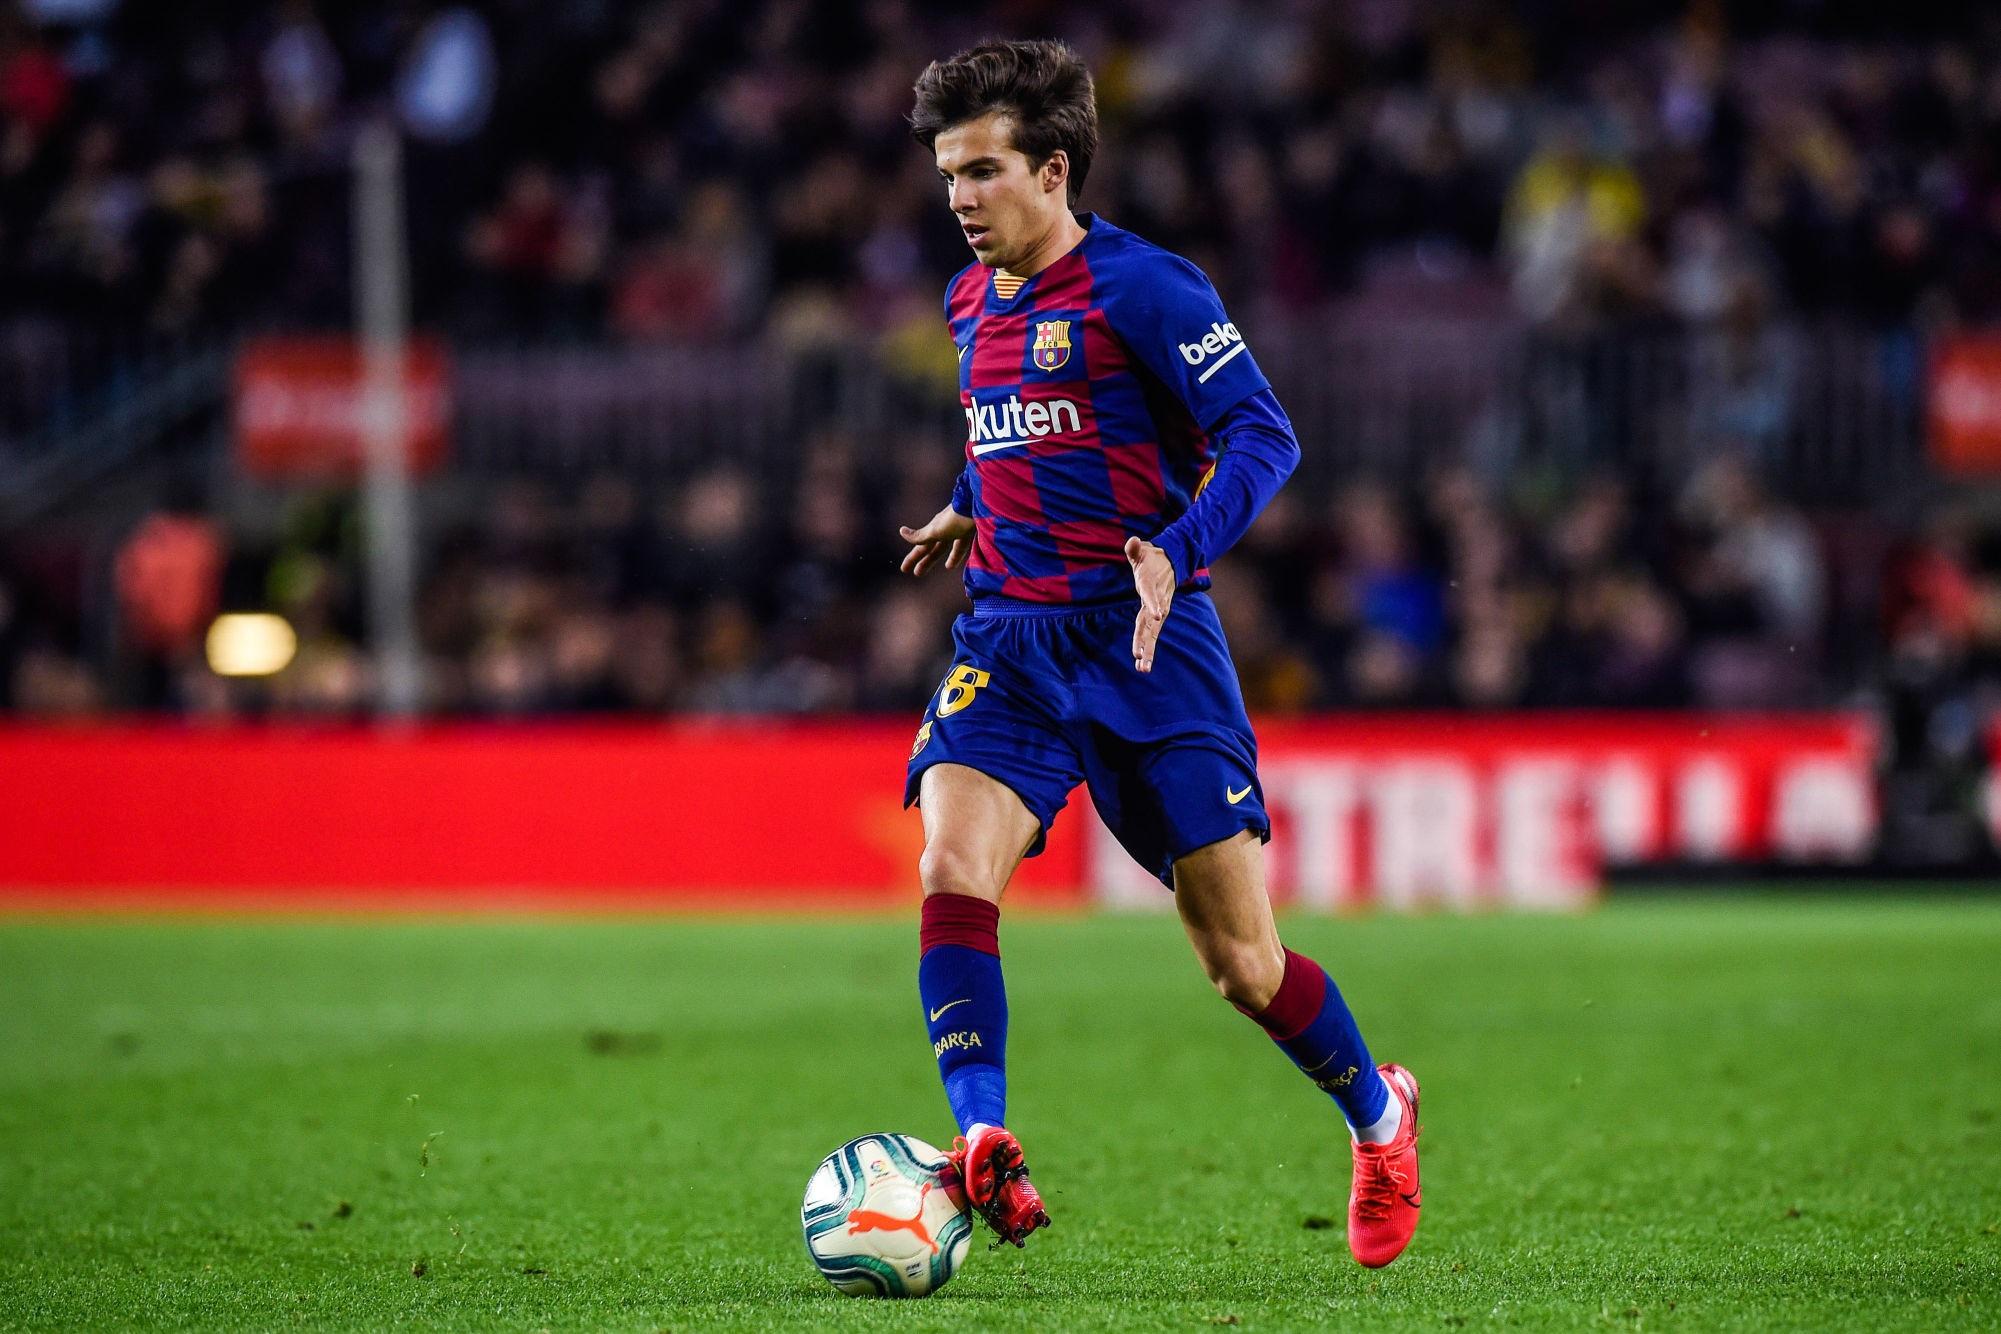 Mercato - Riqui Puig évoqué dans le viseur du PSG, Mundo Deportivo répond